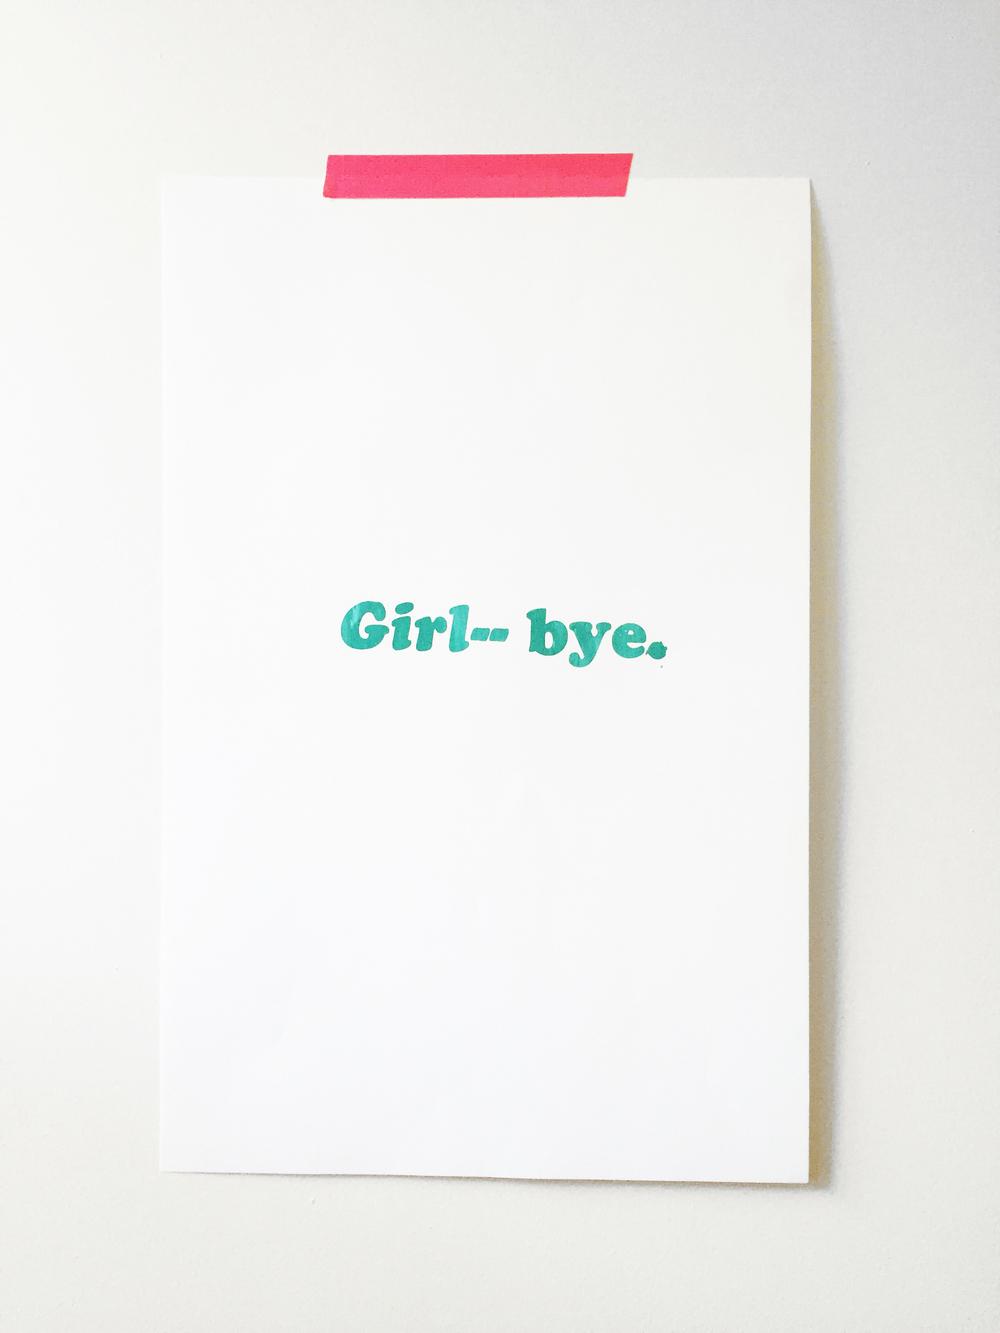 Girl, bye.JPG